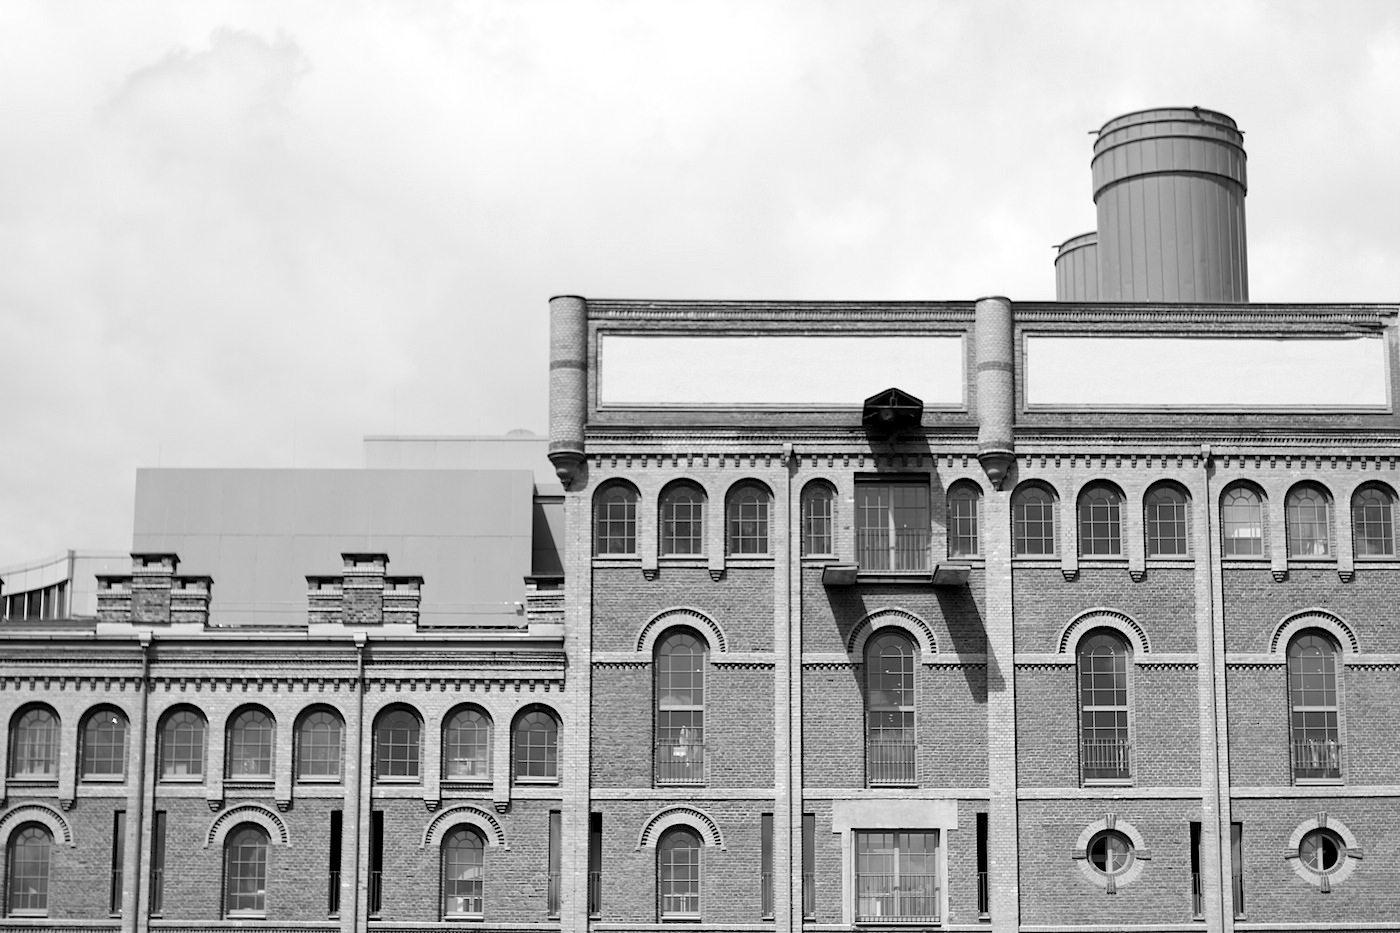 Alte Mälzerei.  Ehem. Mälzerei der Dortmunder Union, Kronen-Brauerei (1897), denkmalgeschützt (1897). Saniert, Entwurf von Bob Gansfort, Fertigstellung: 2002